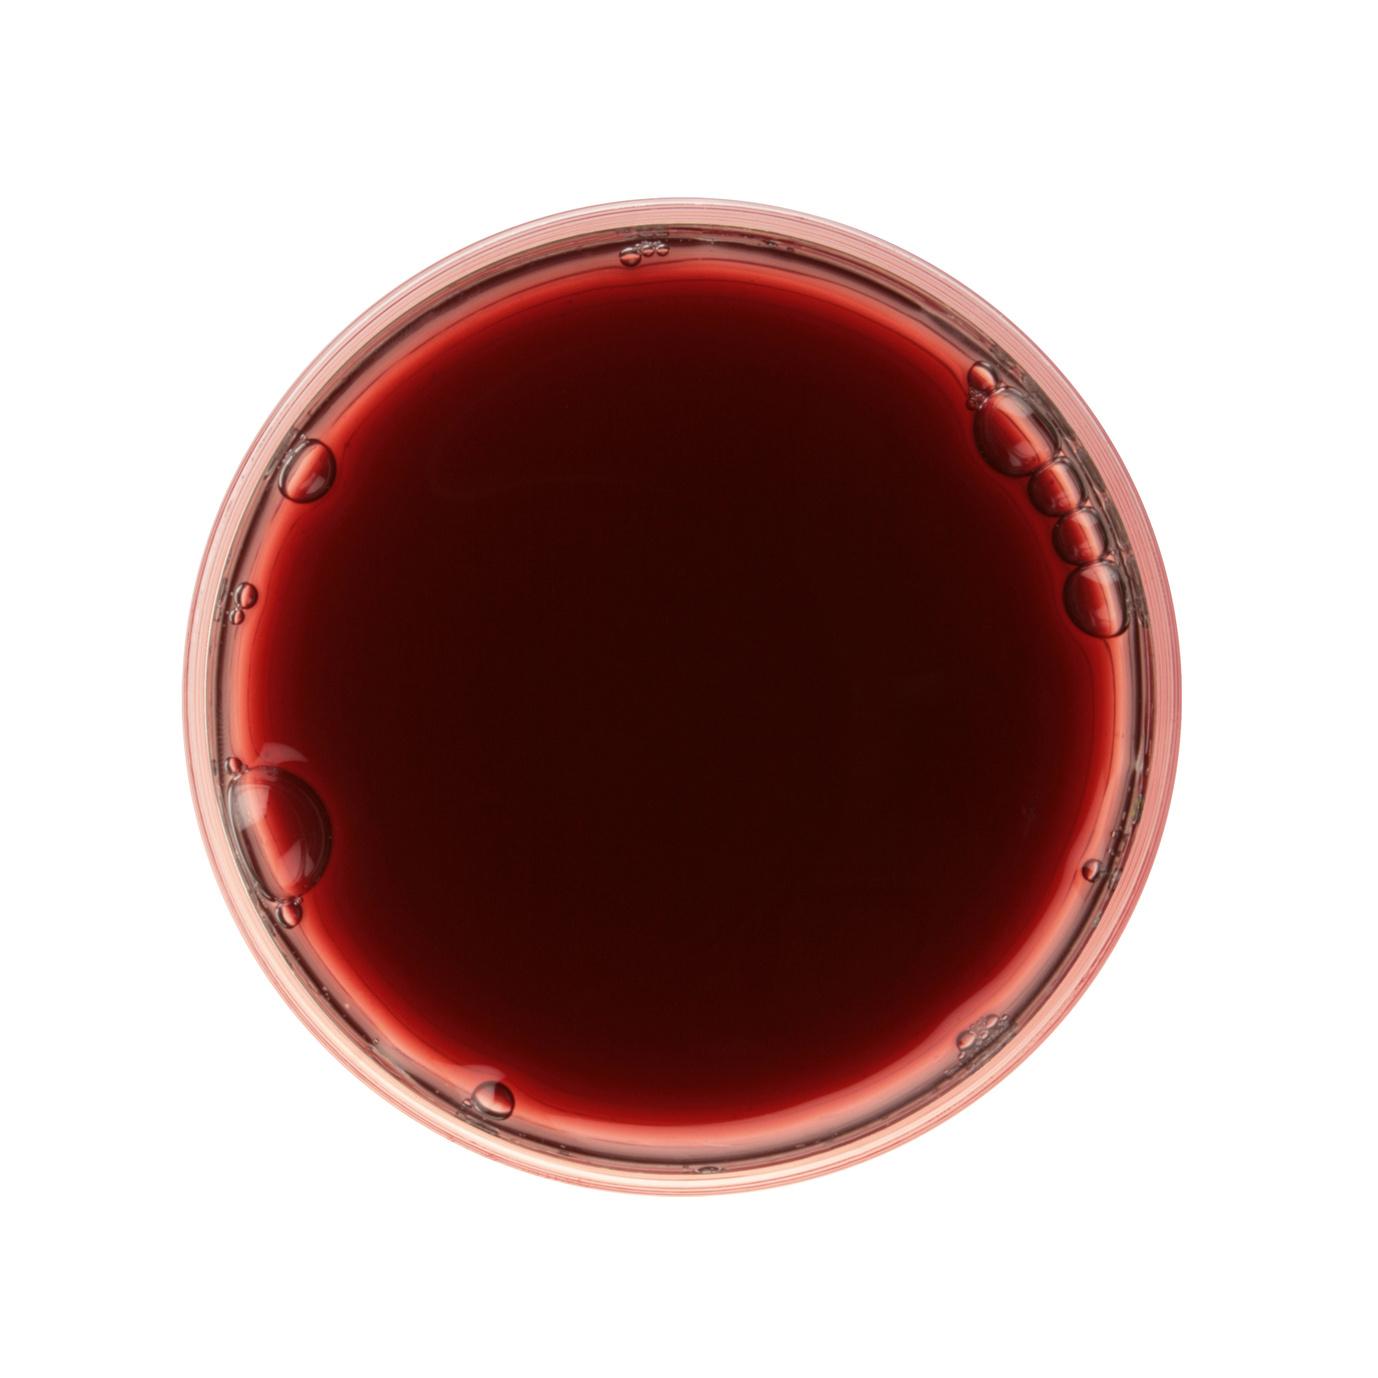 Feuerzangenbowle Früchtetee mit weihnachtlichem Rotwein